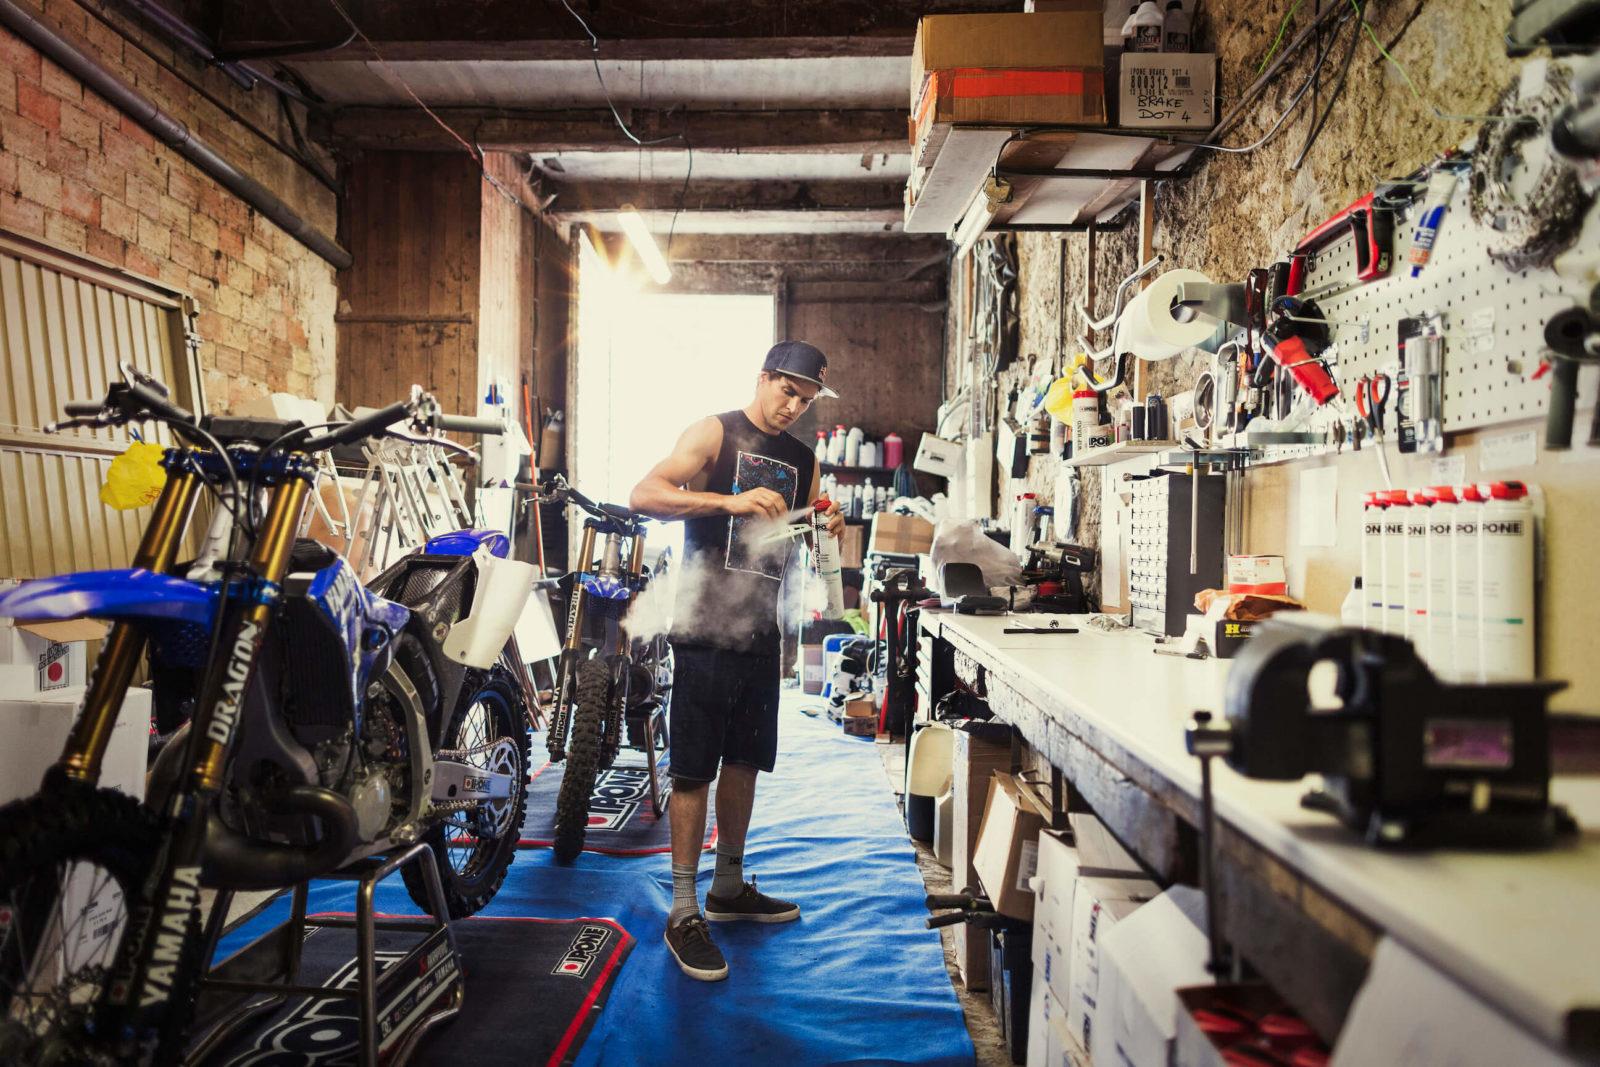 iPone huile moto comment choisir prix pas cher synthétique minéral qualité